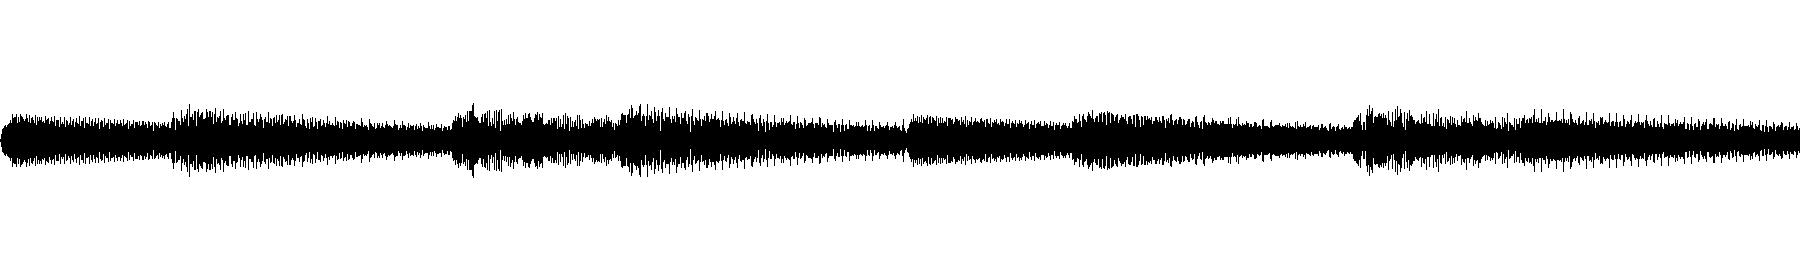 neo soul keys 83bpm